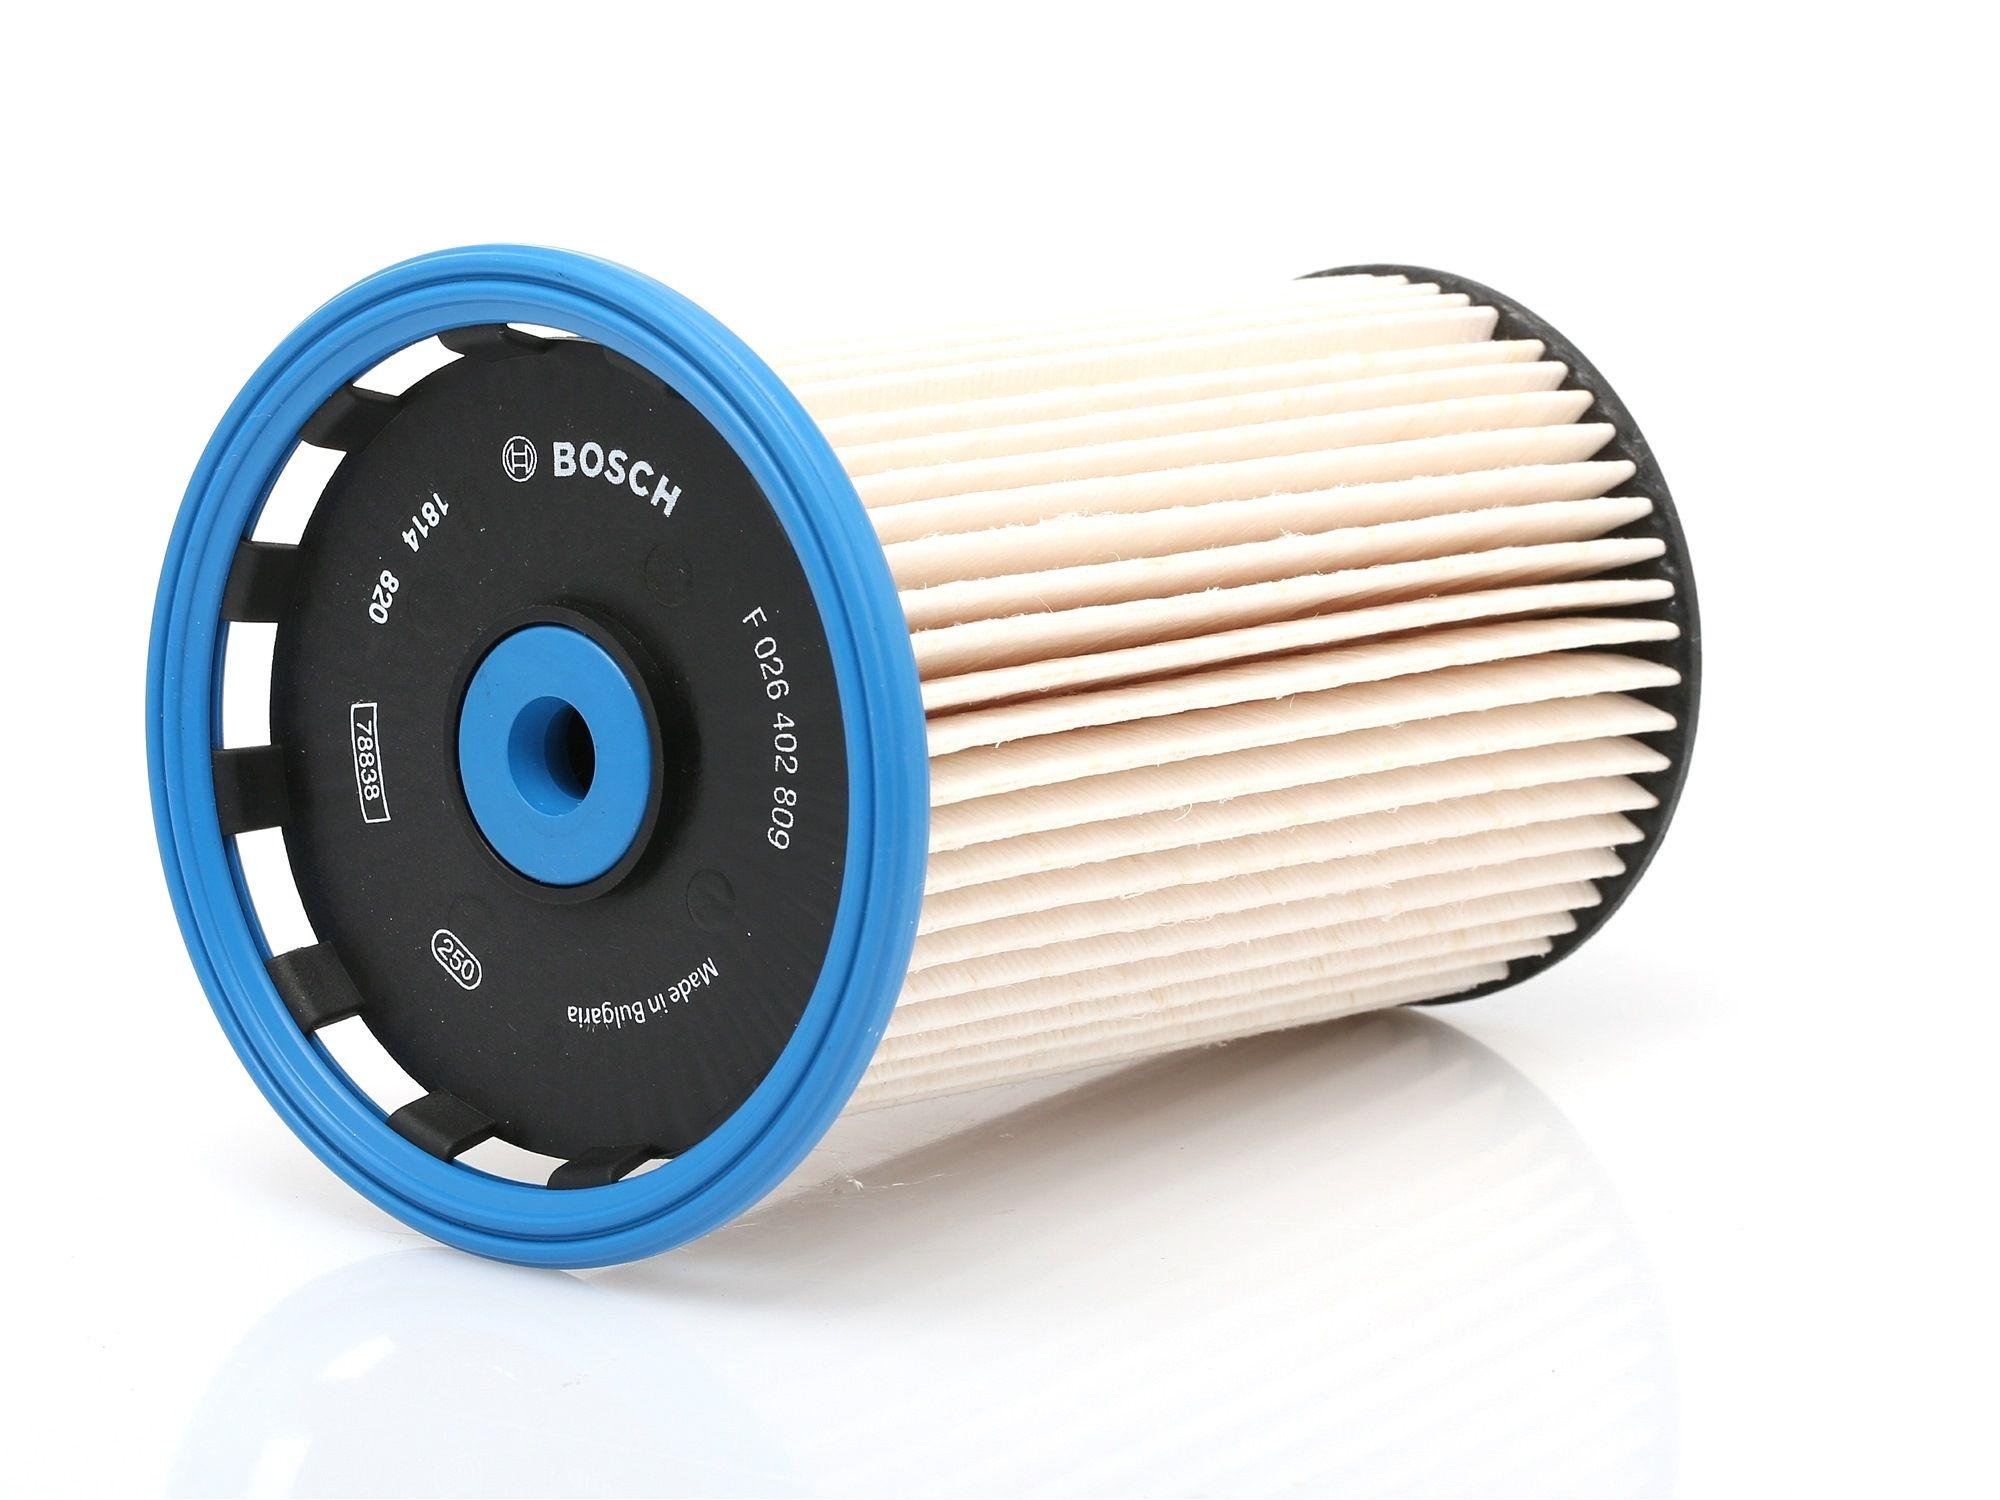 Palivový filtr F 026 402 809 s vynikajícím poměrem mezi cenou a BOSCH kvalitou